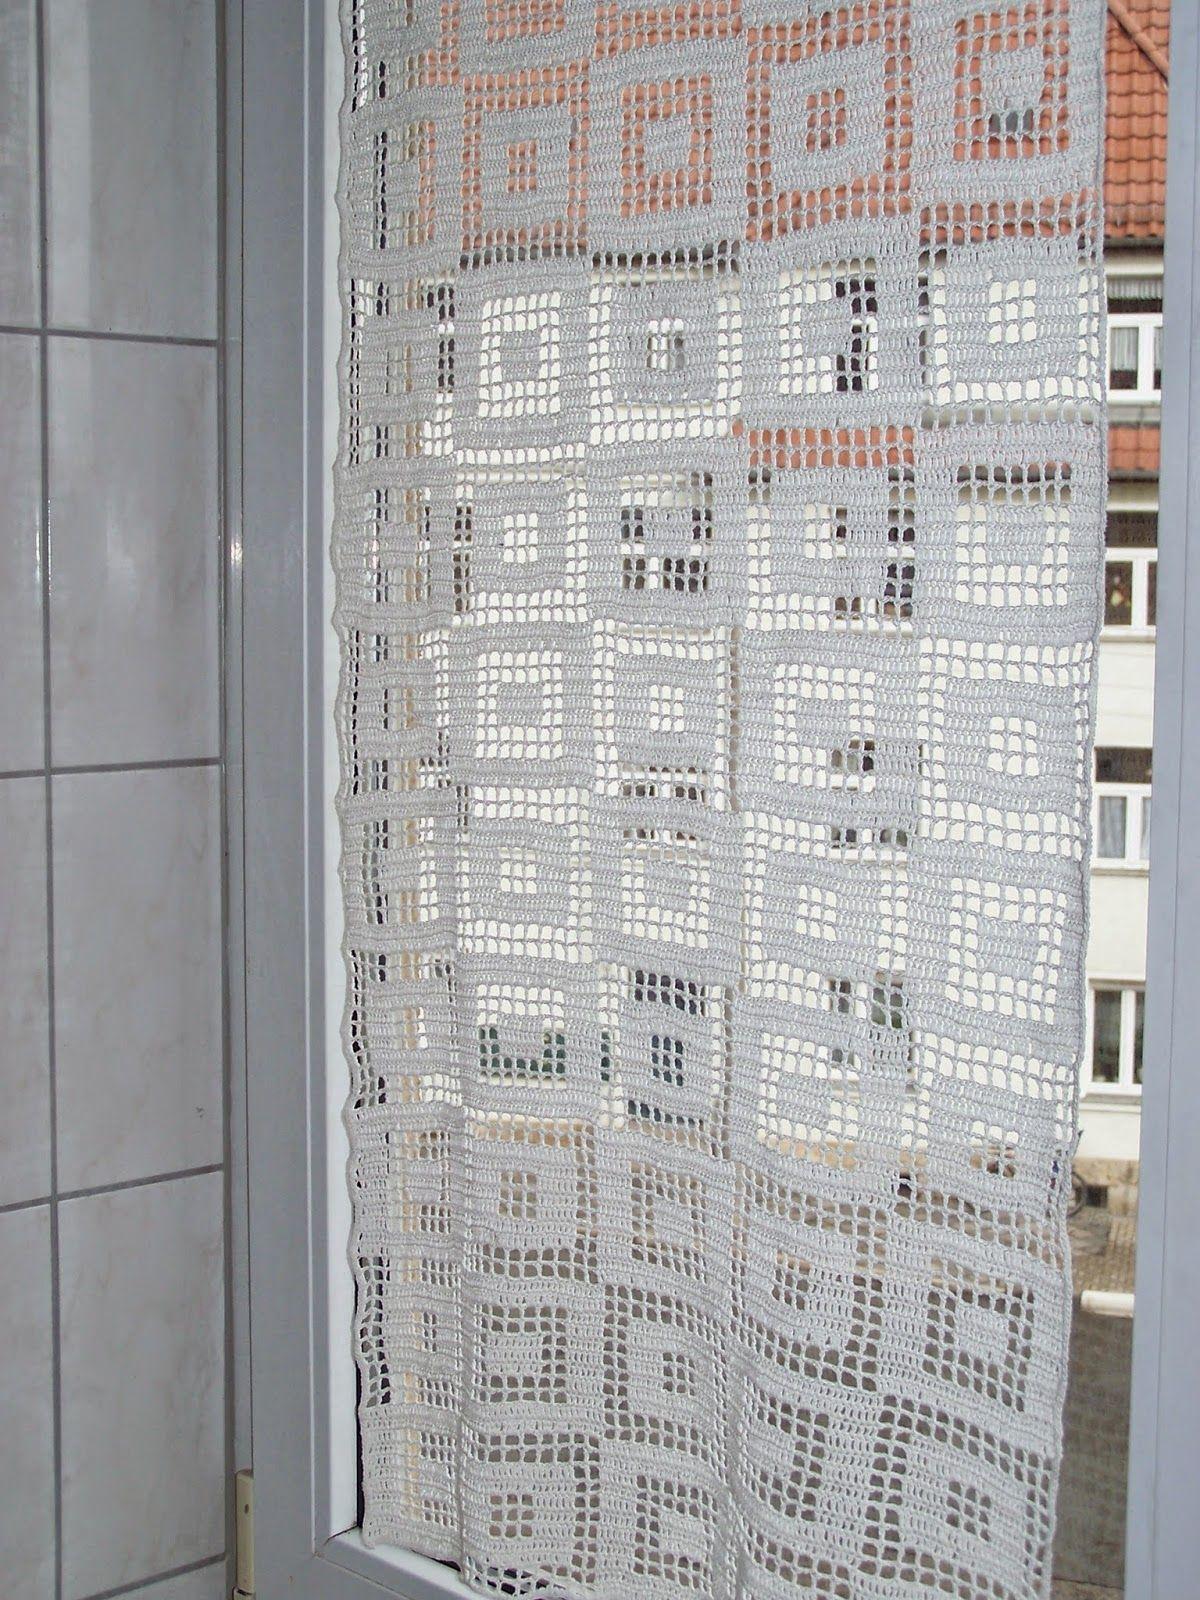 Full Size of Gardine Im Bad Gardinen Hkeln Küche Planen Kostenlos Fenster Für Die Wohnzimmer Schlafzimmer Scheibengardinen Wohnzimmer Gardinen Häkeln Anleitung Kostenlos